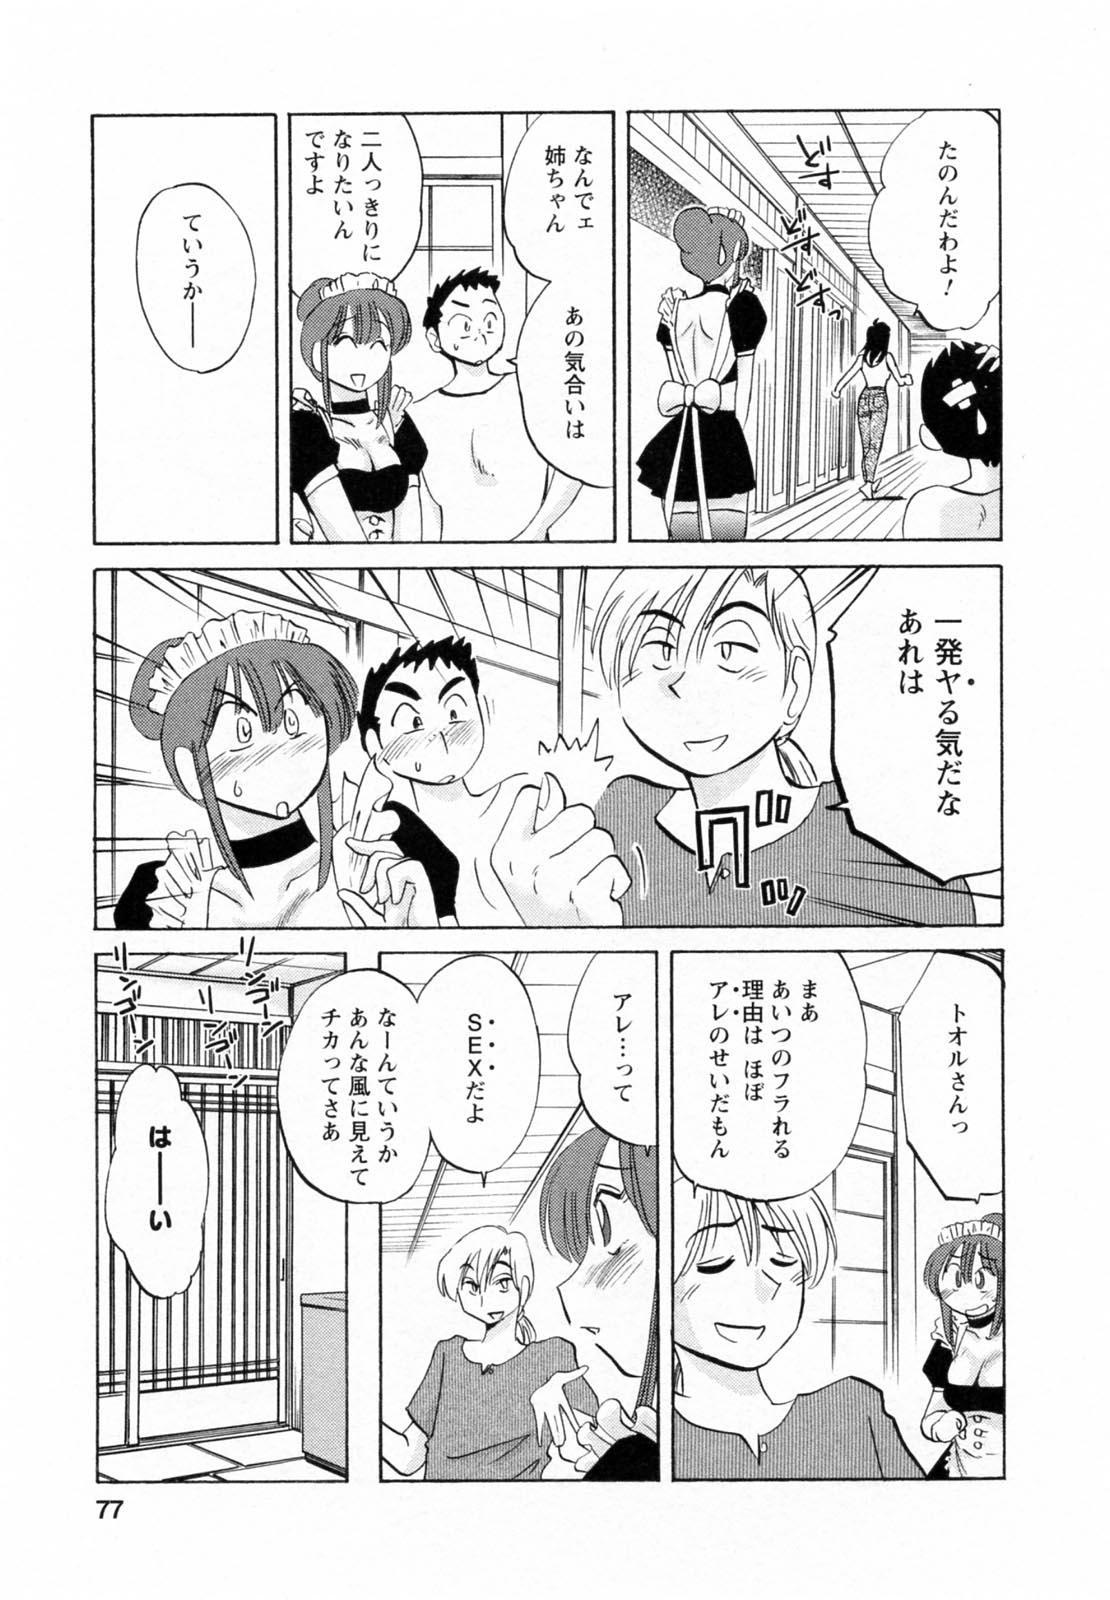 Maid no Mitsukosan Vol.1 76